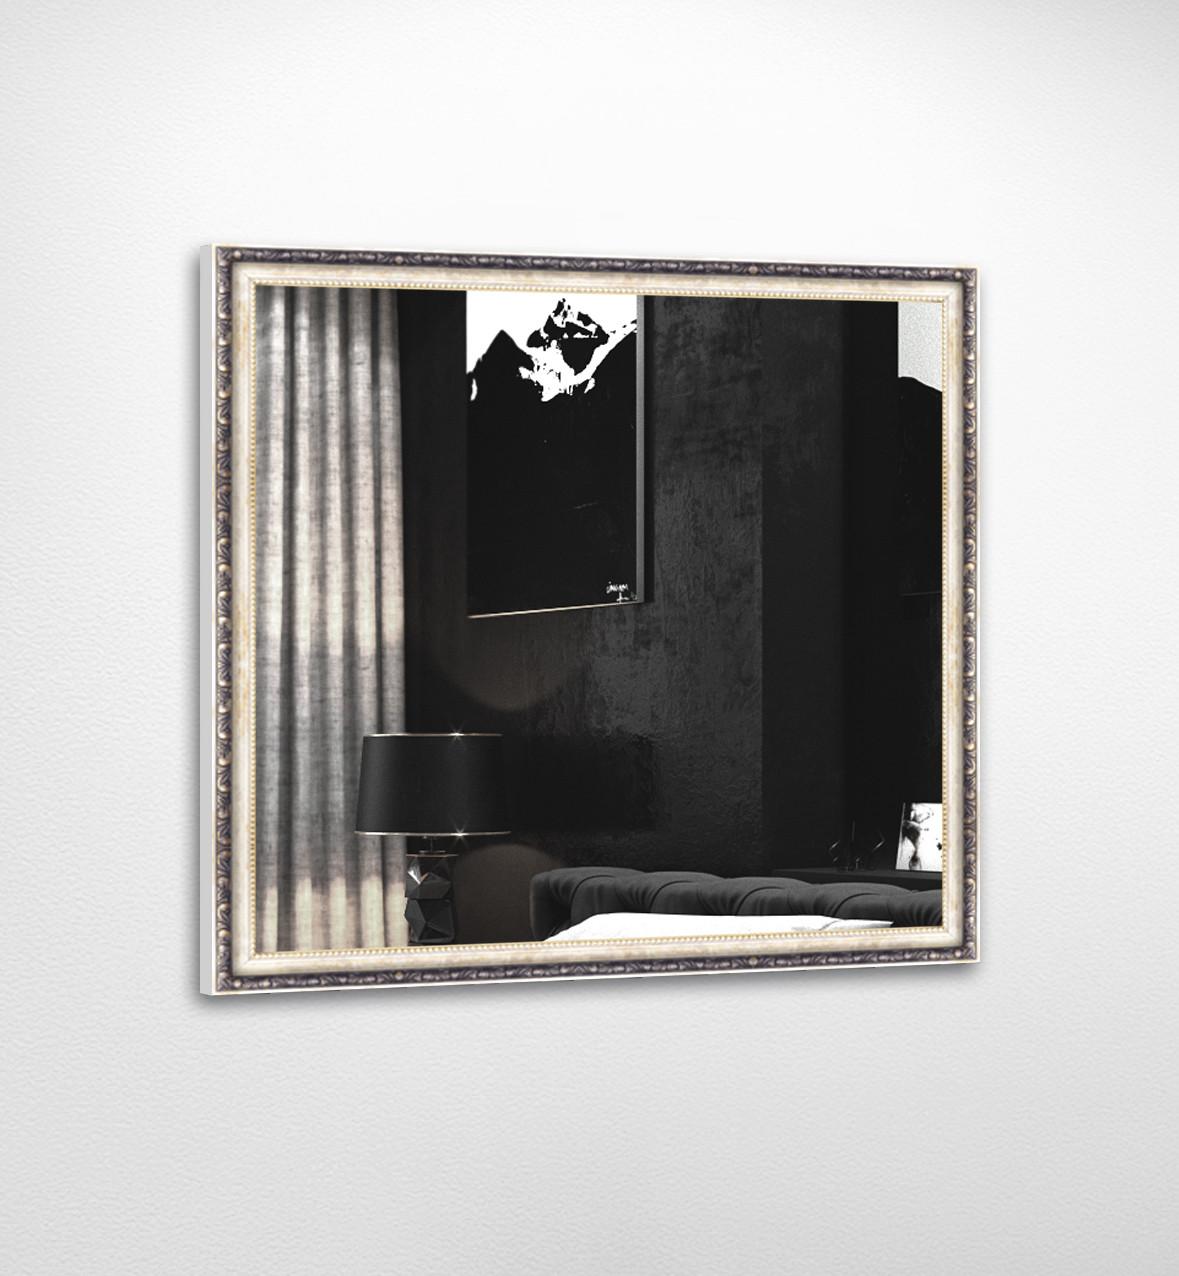 Настенное зеркало БЦ Стол Жанетт квадратное B01 белое